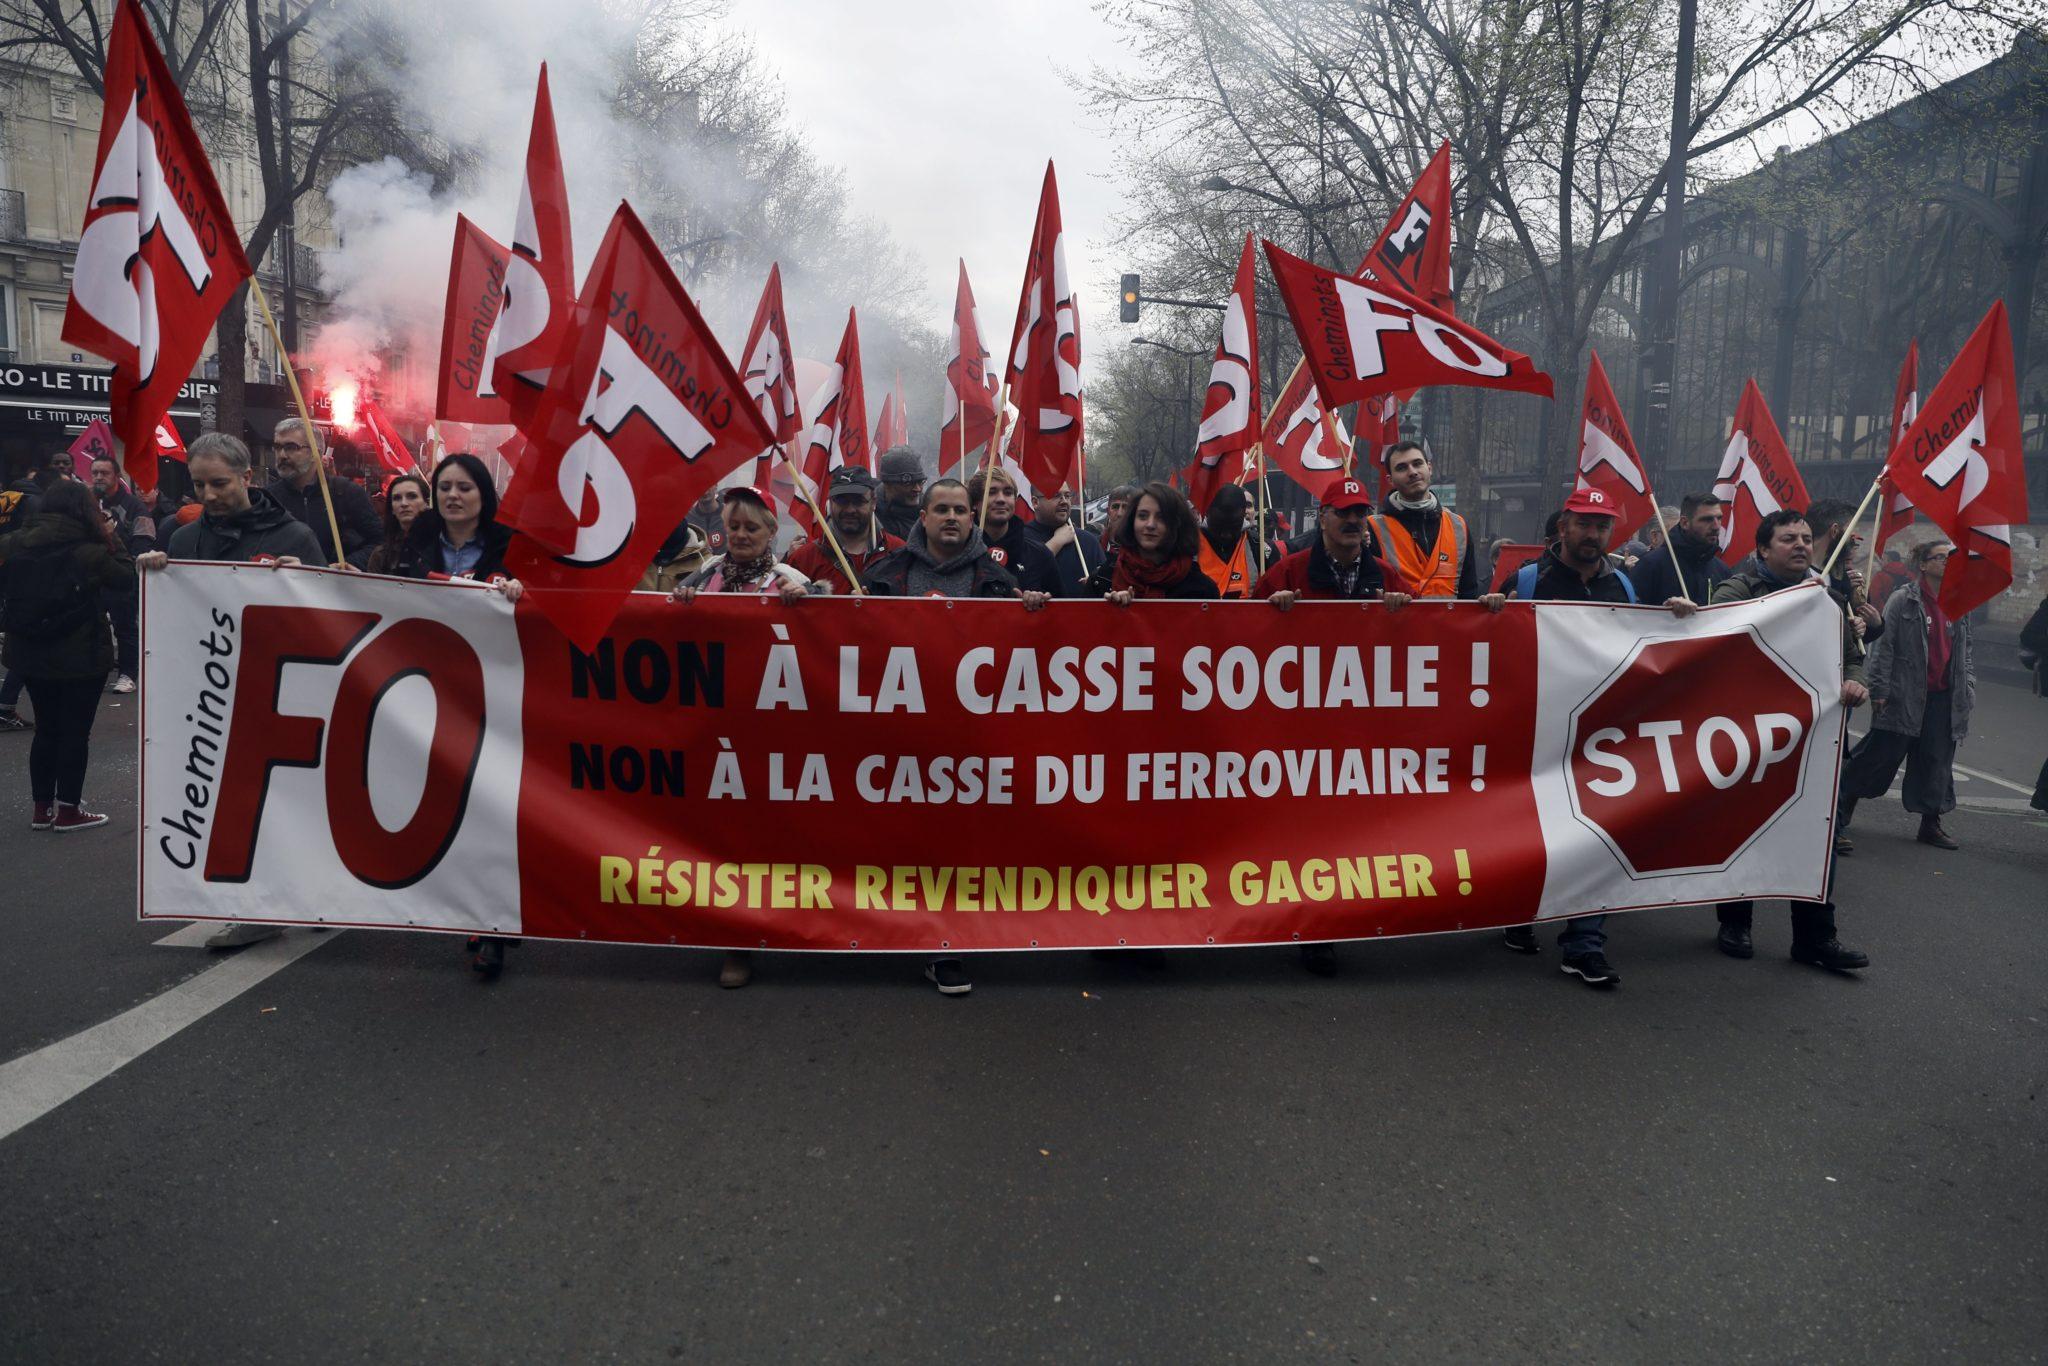 Strajk kolejarzy i personelu lotniczego, paraliż komunikacyjne, to protest przeciwko reformom prezydenta Macrona, fot: Etienne Laurent, PAP/EPA